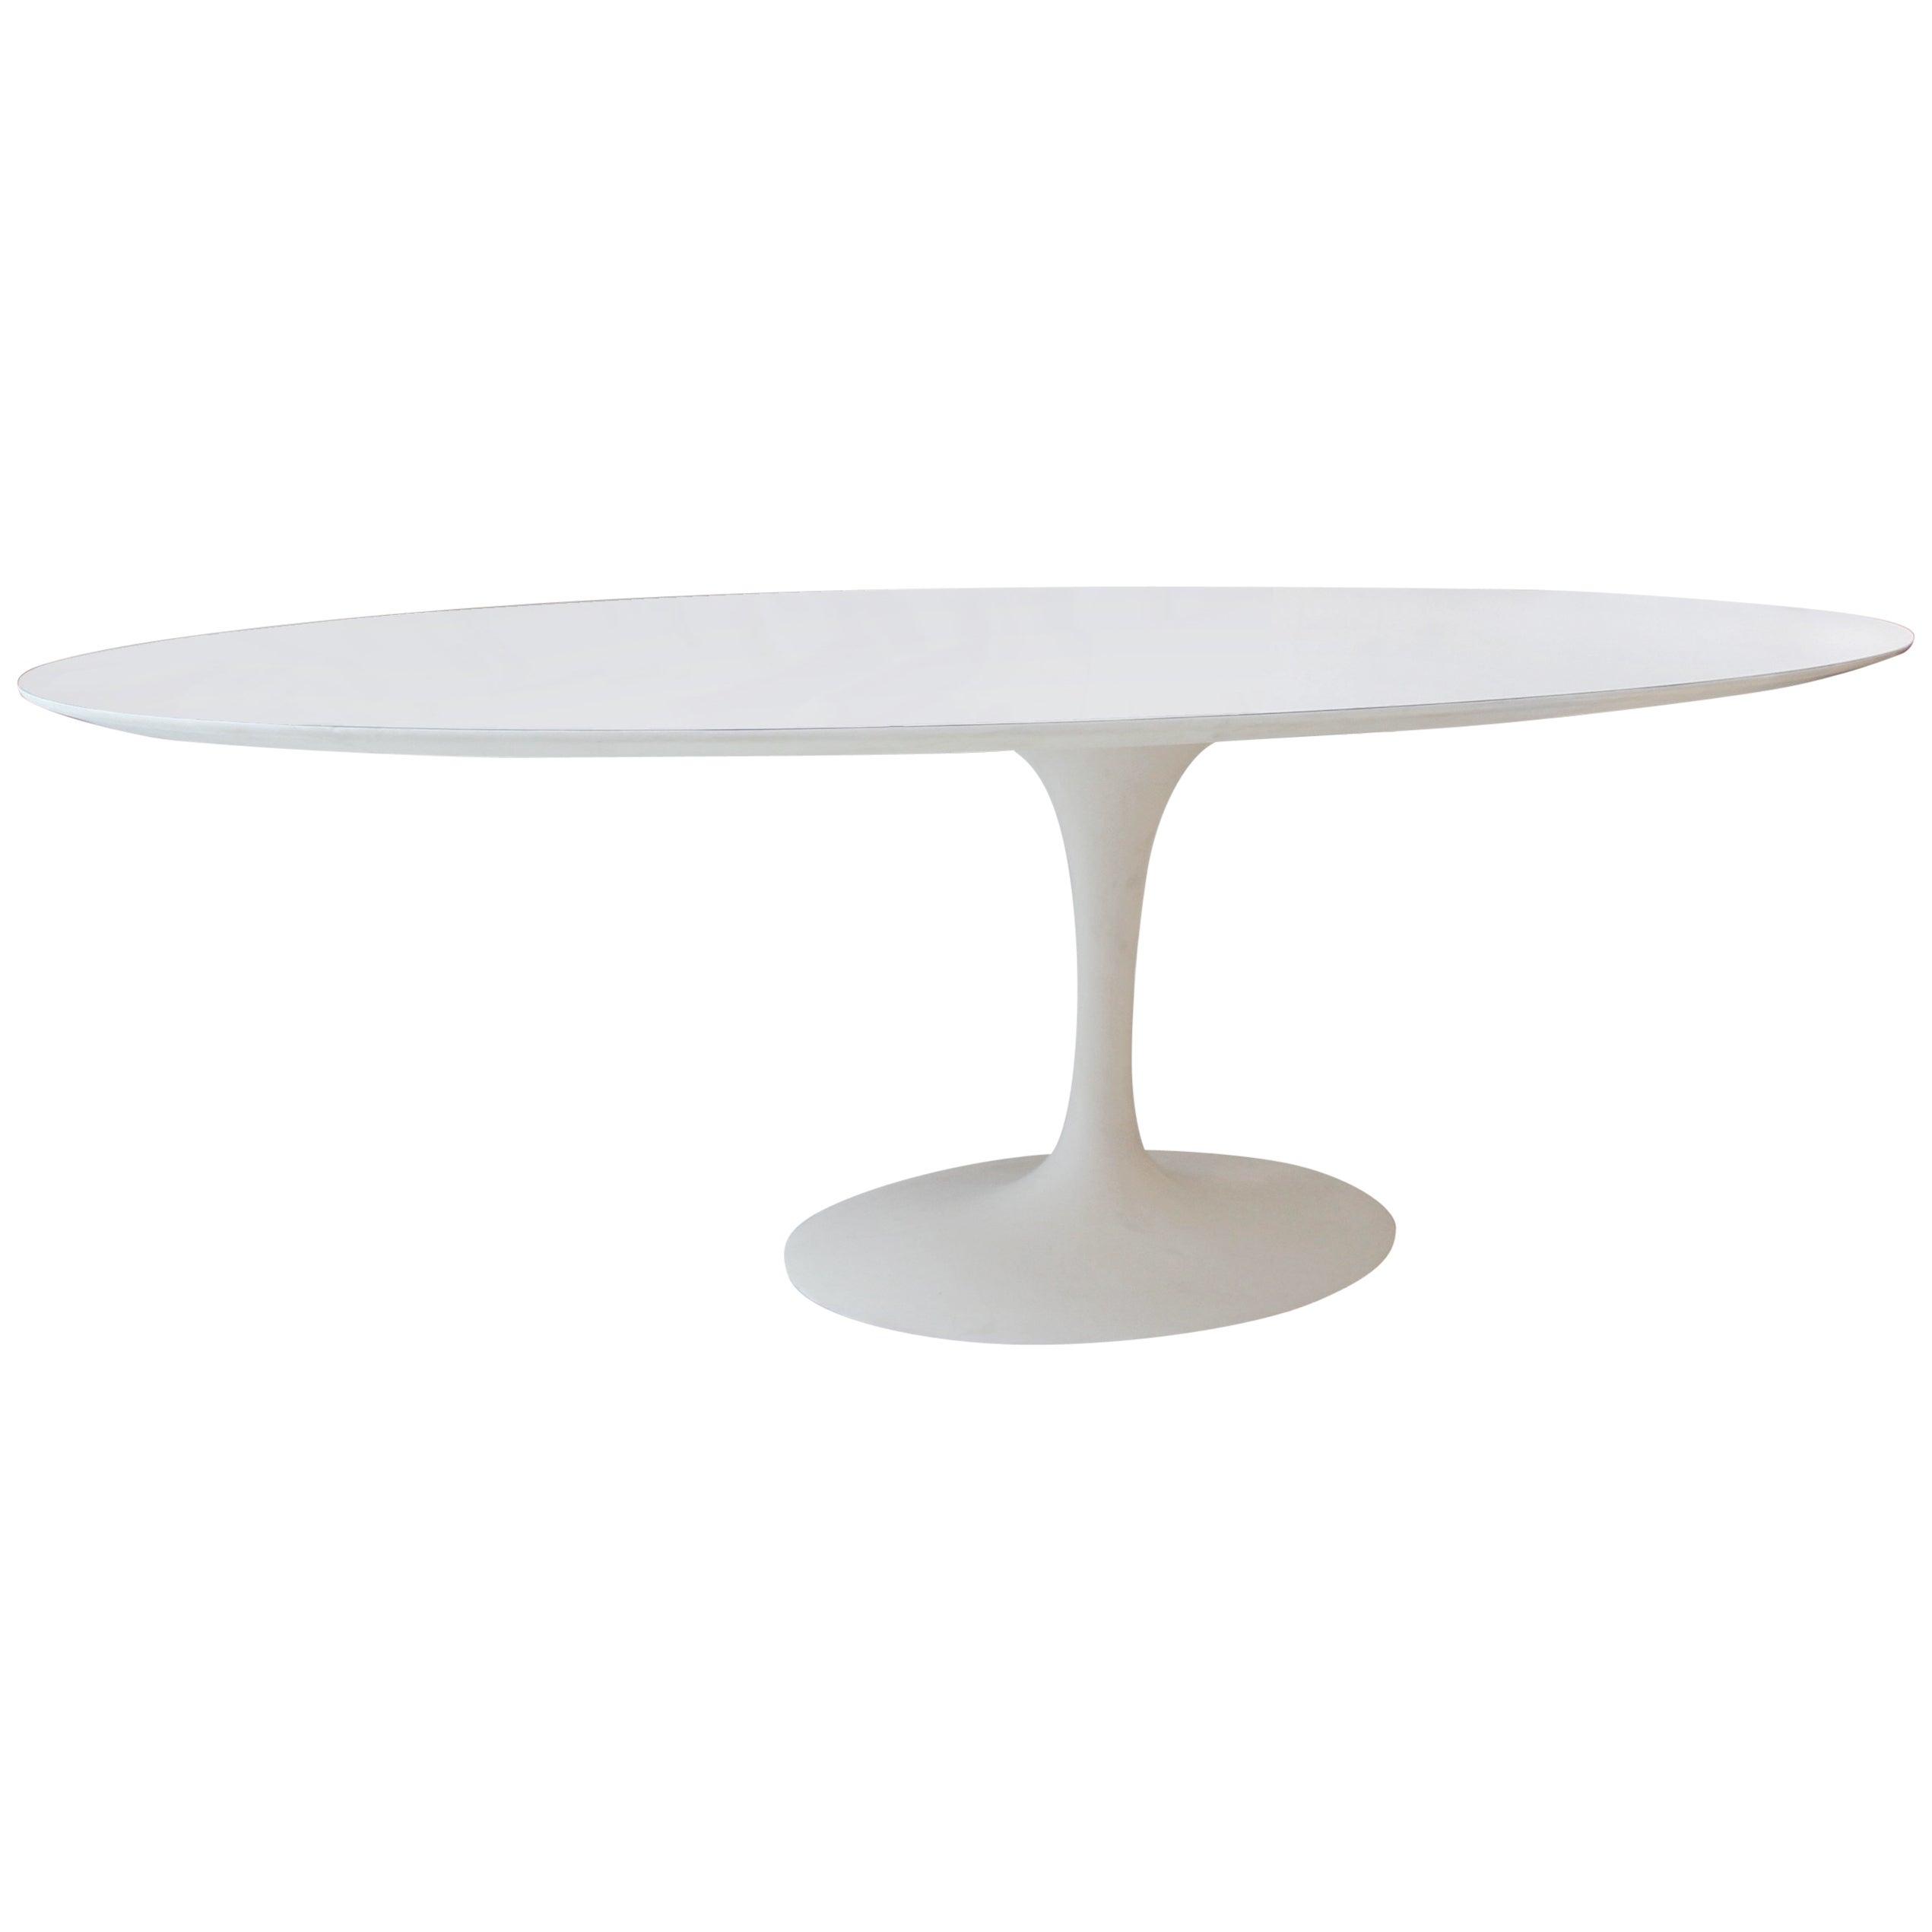 Vintage Elliptical Eero Saarinen Tulip Dining Table For Knoll At 1stdibs